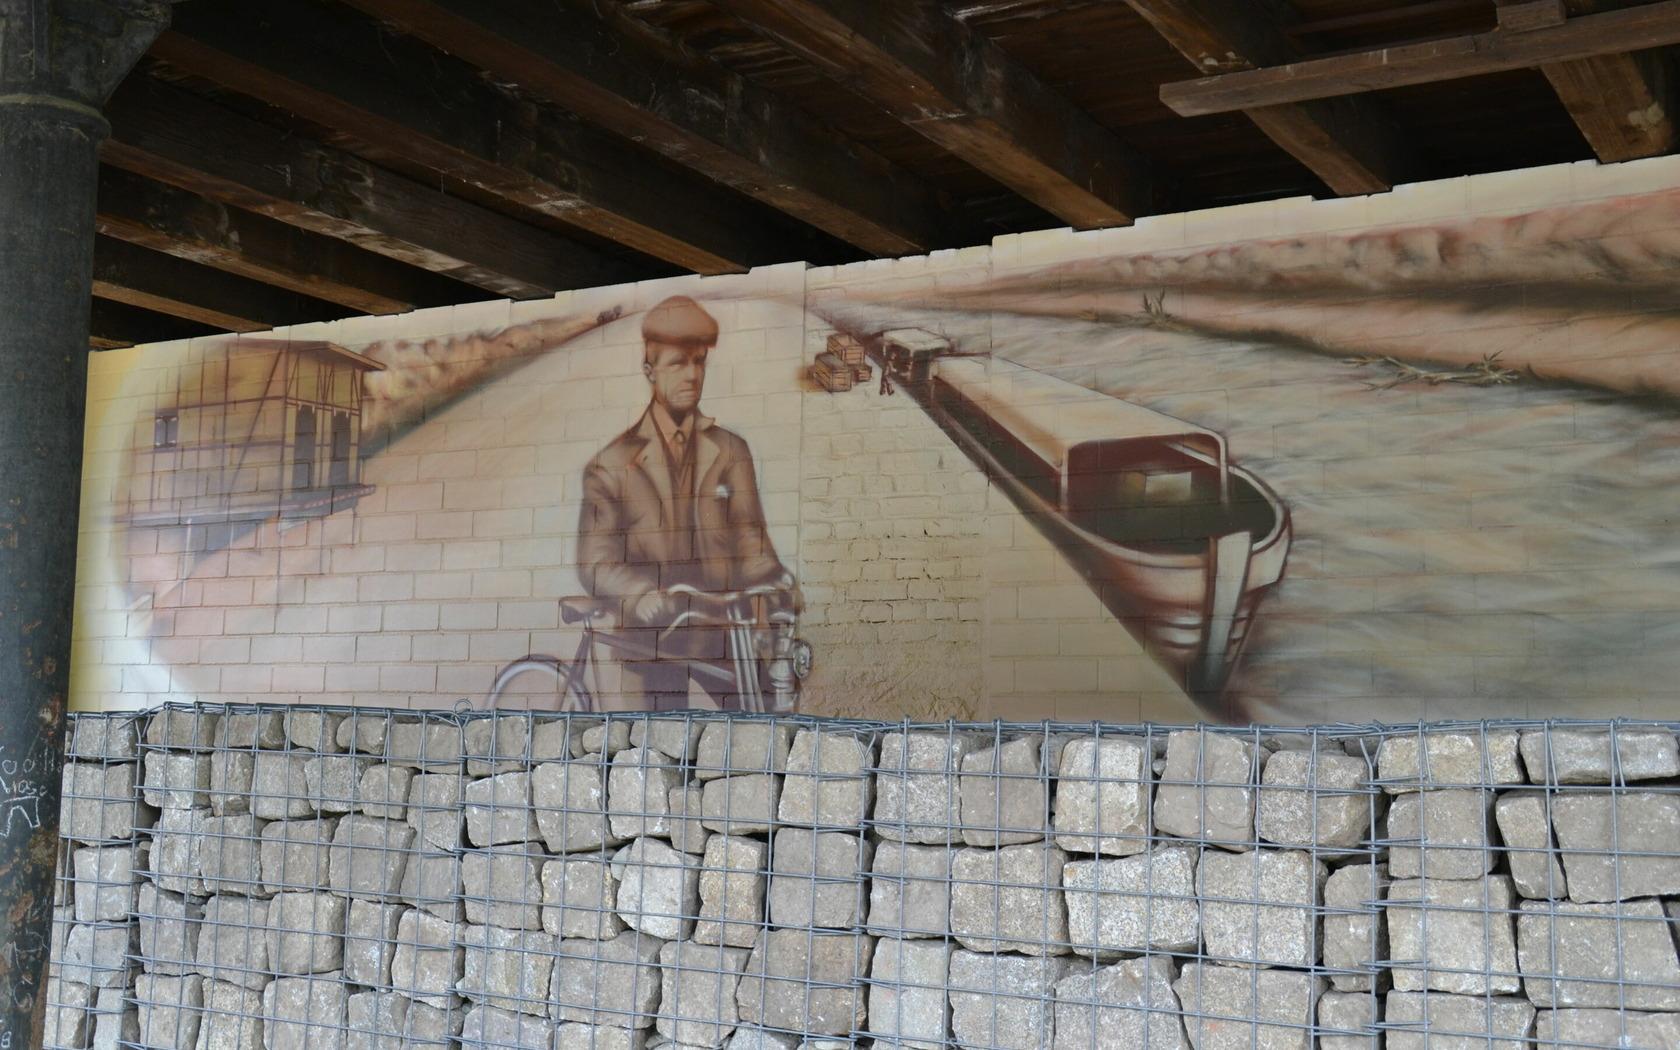 Mosaik am Alten Hafen, Foto: Marketing und Tourismus Guben e.V.